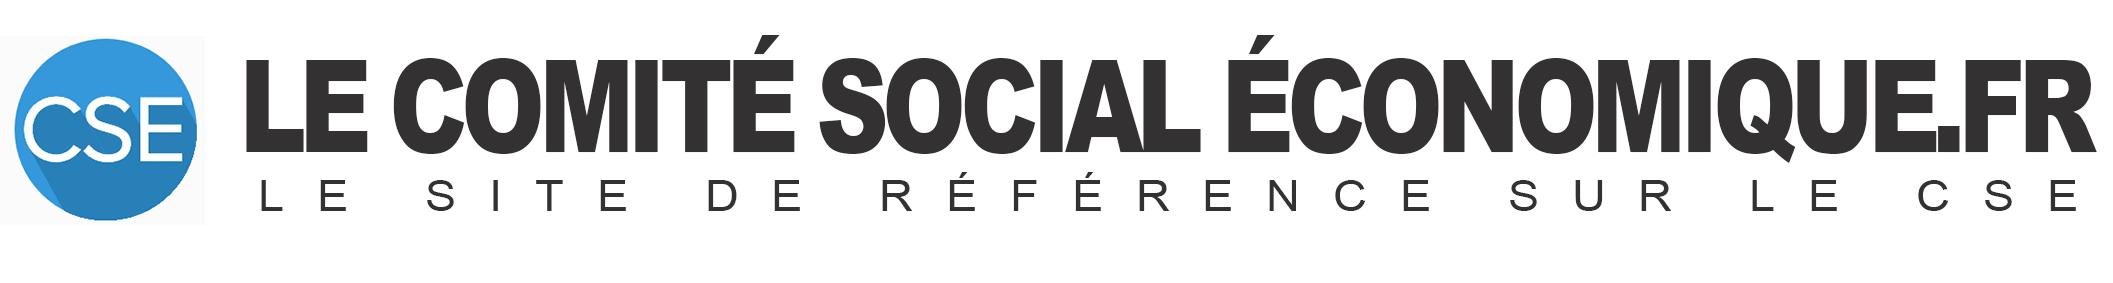 le-comite-social-economique.fr